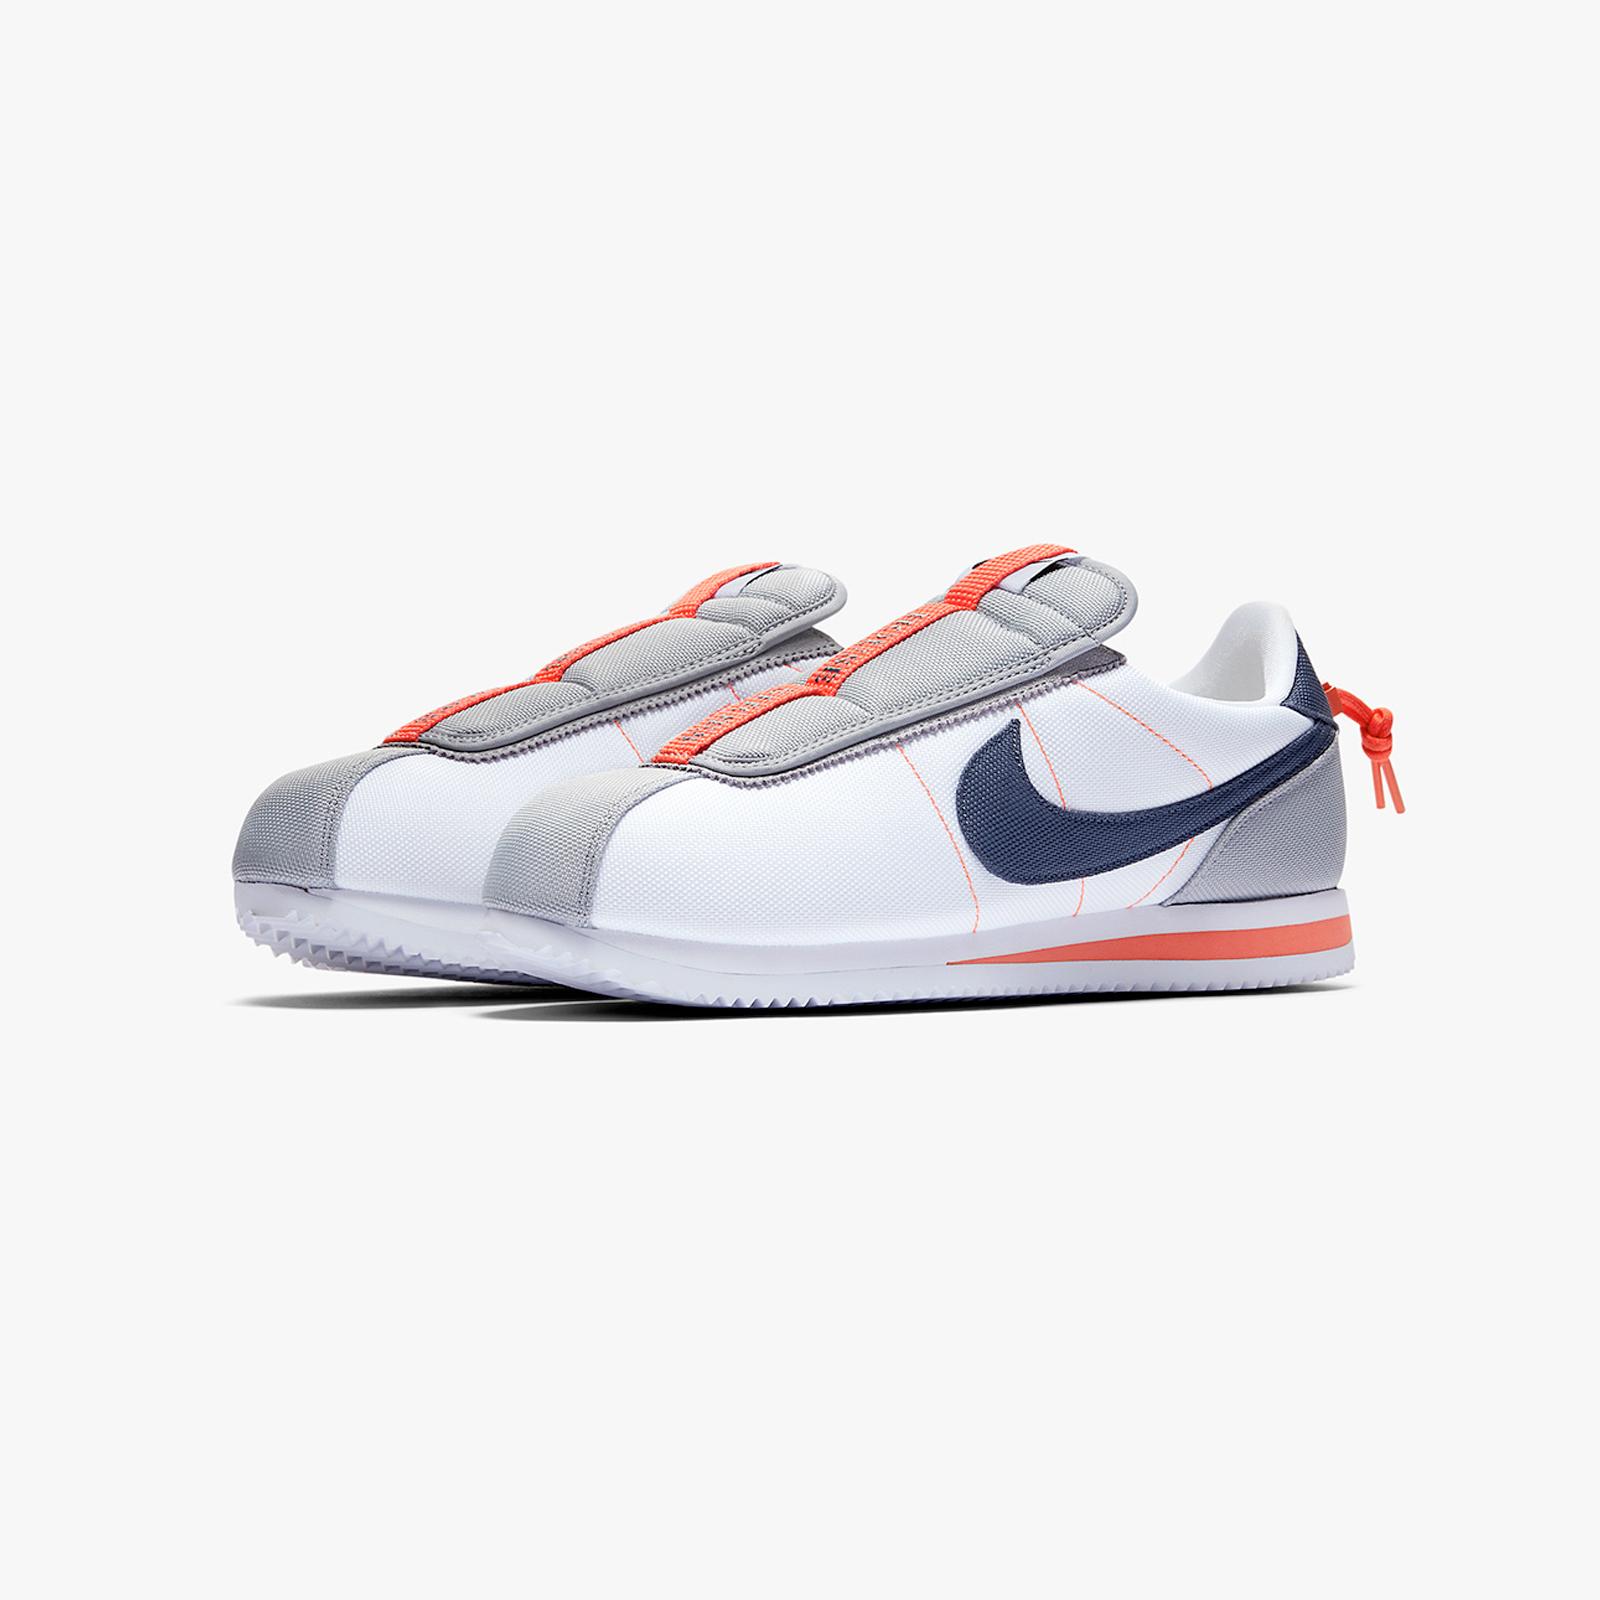 Nike Cortez Basic Slip   K.Lamar - Av2950-100 - Sneakersnstuff ... 97616560f